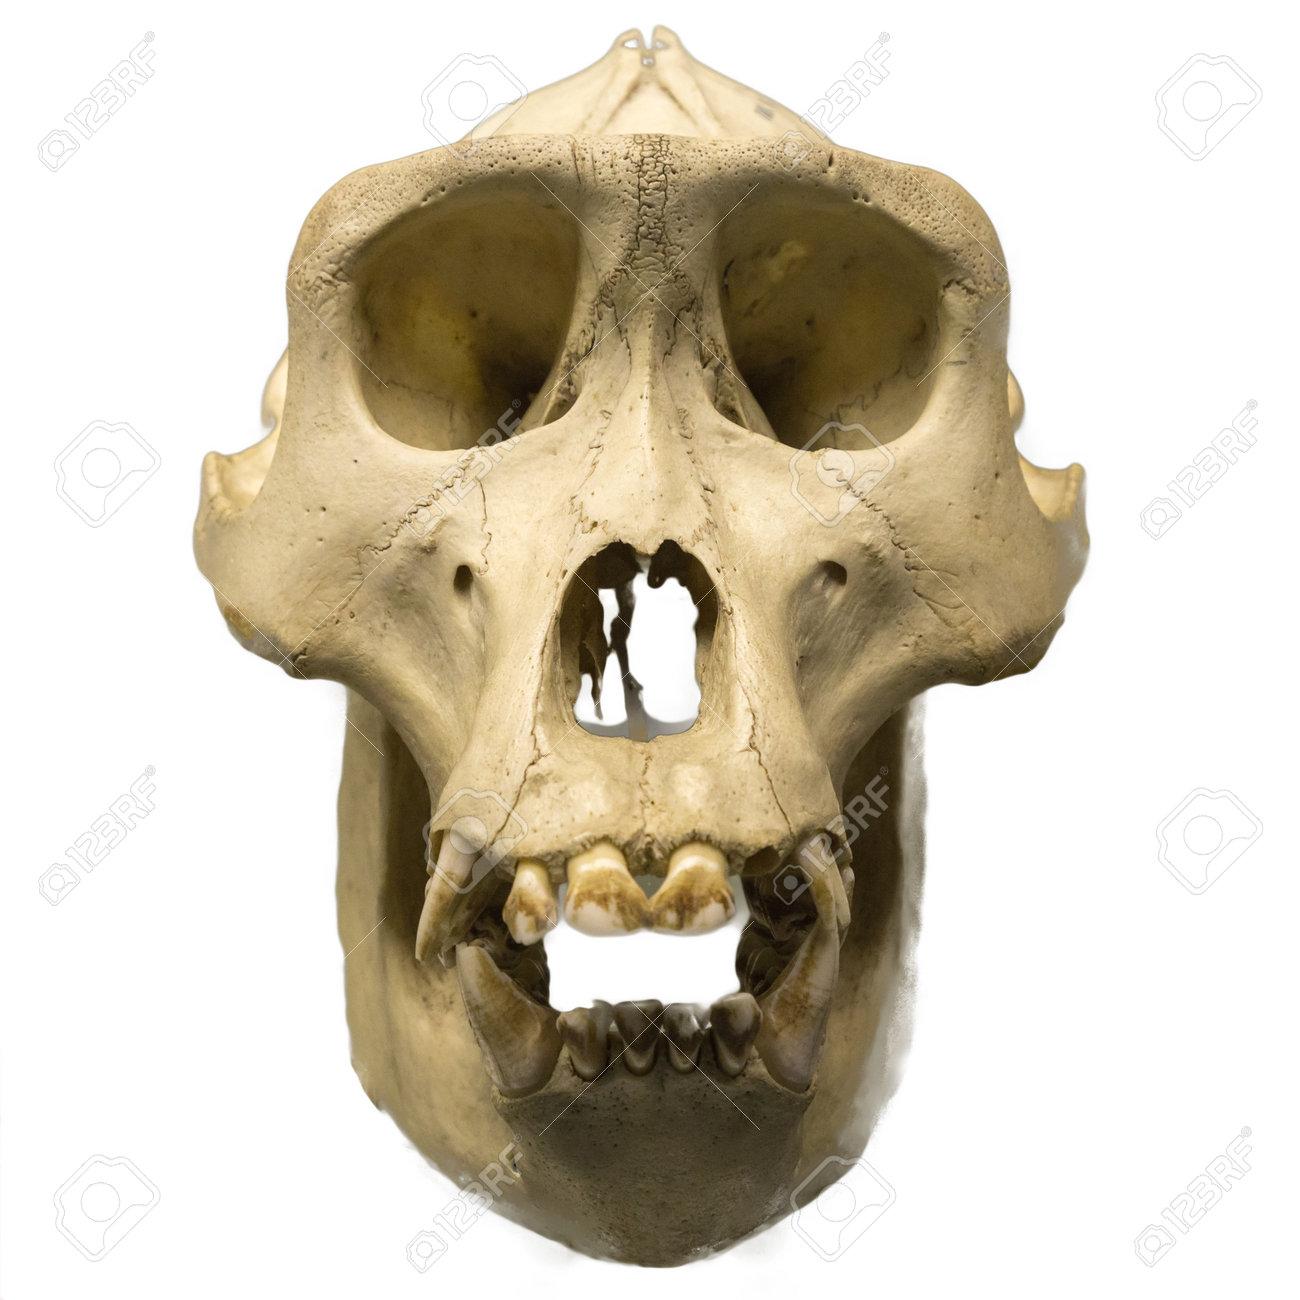 Cráneo Gorila Macho Aislado En Blanco. Fotos, Retratos, Imágenes Y ...